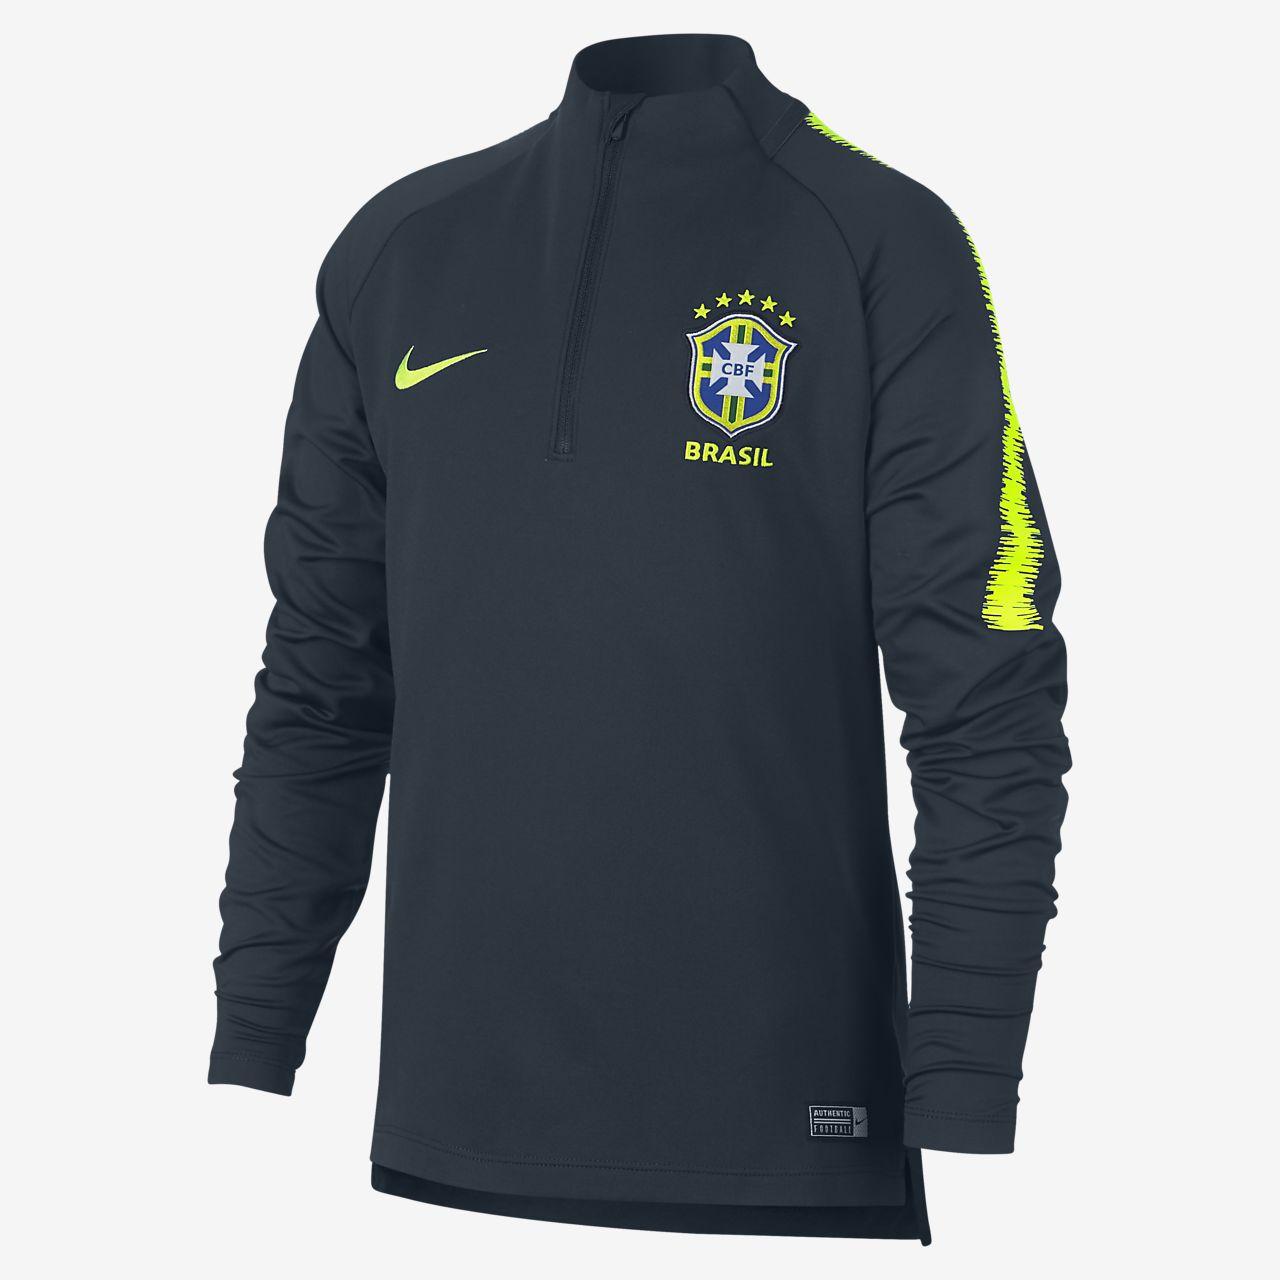 Brasil CBF Dri-FIT Squad Drill Older Kids' Long-Sleeve Football Top